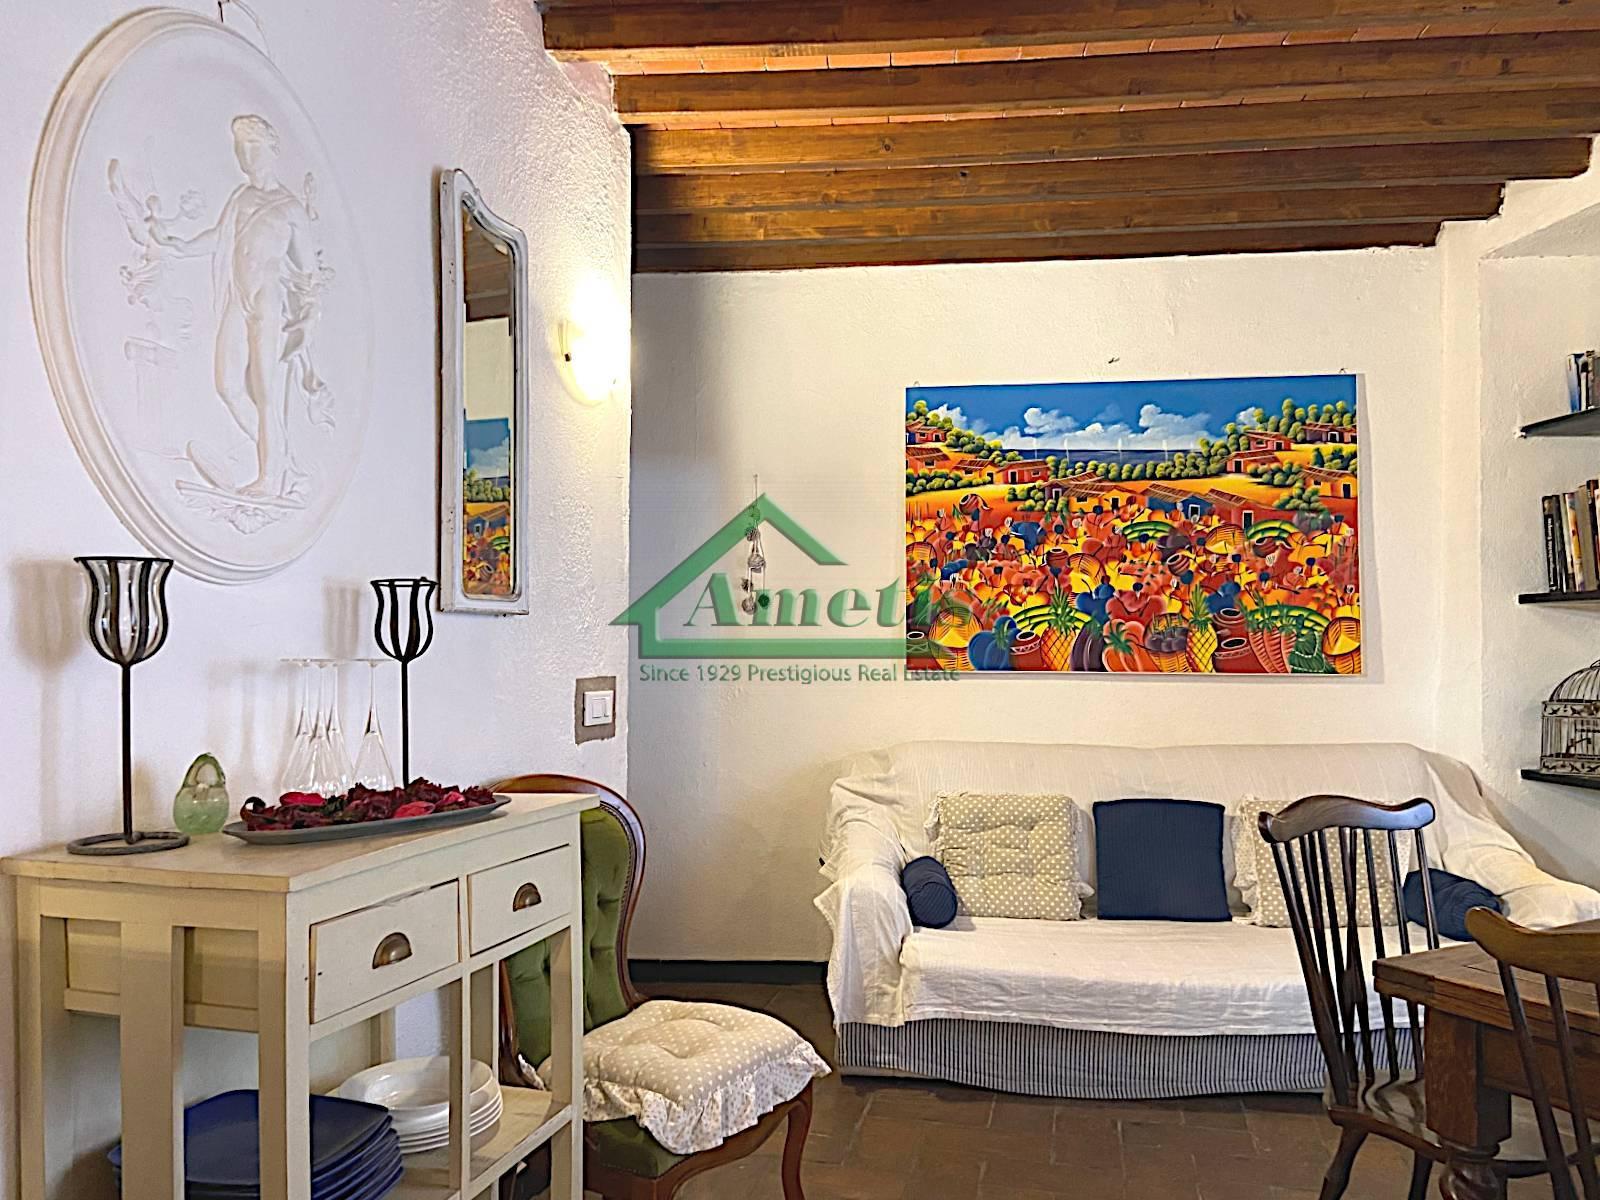 Appartamento in vendita a Chiusavecchia, 2 locali, zona Zona: Olivastri, prezzo € 67.000 | CambioCasa.it